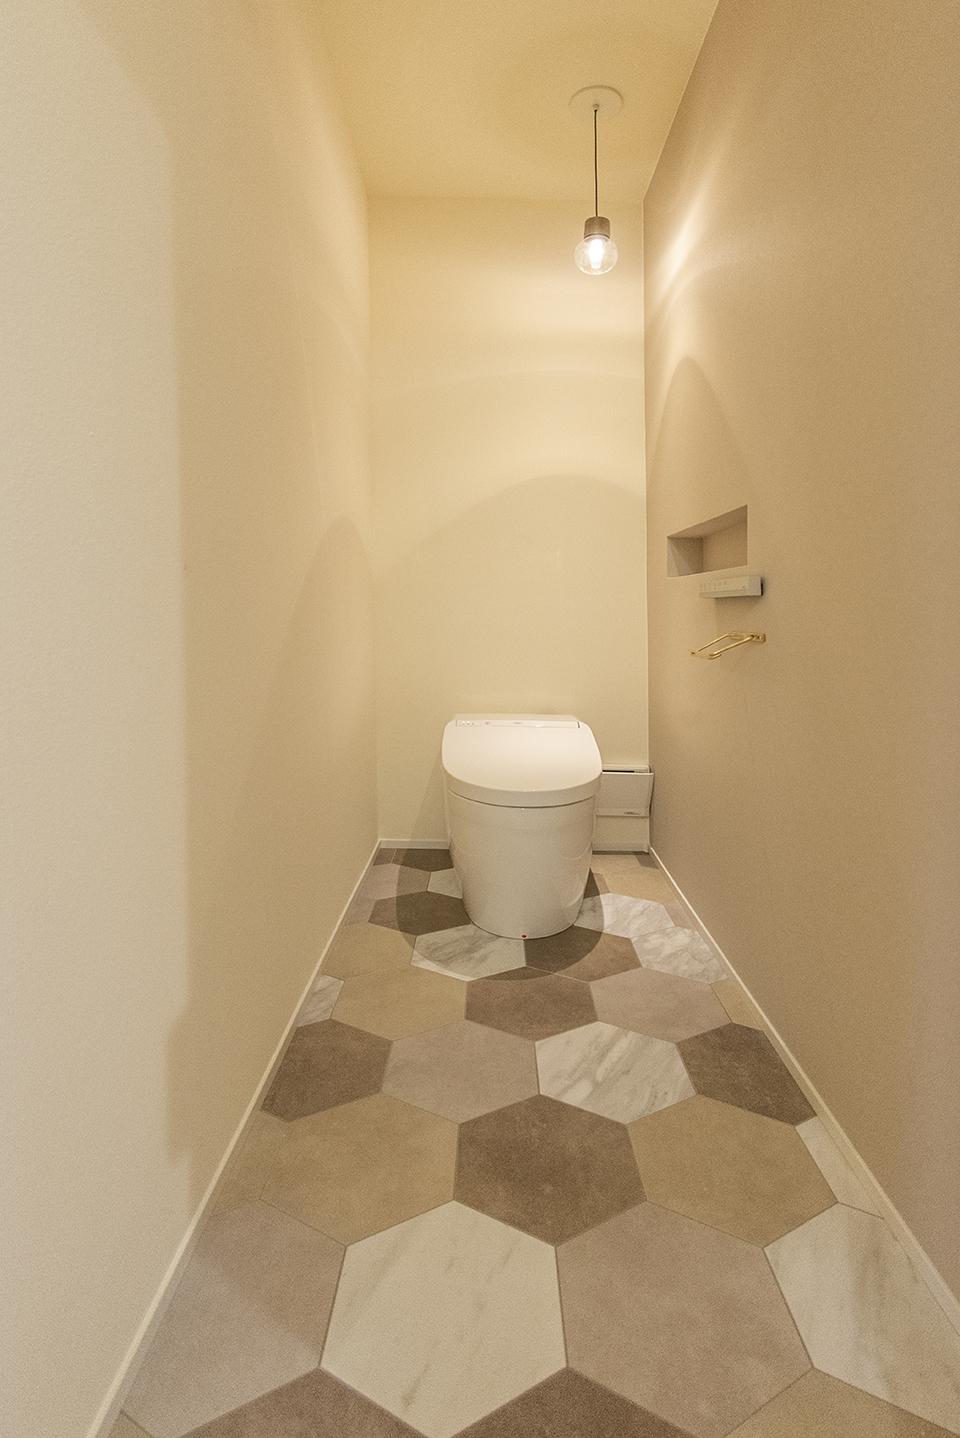 トイレ(TOTO NJ2 床:フロアタイル)